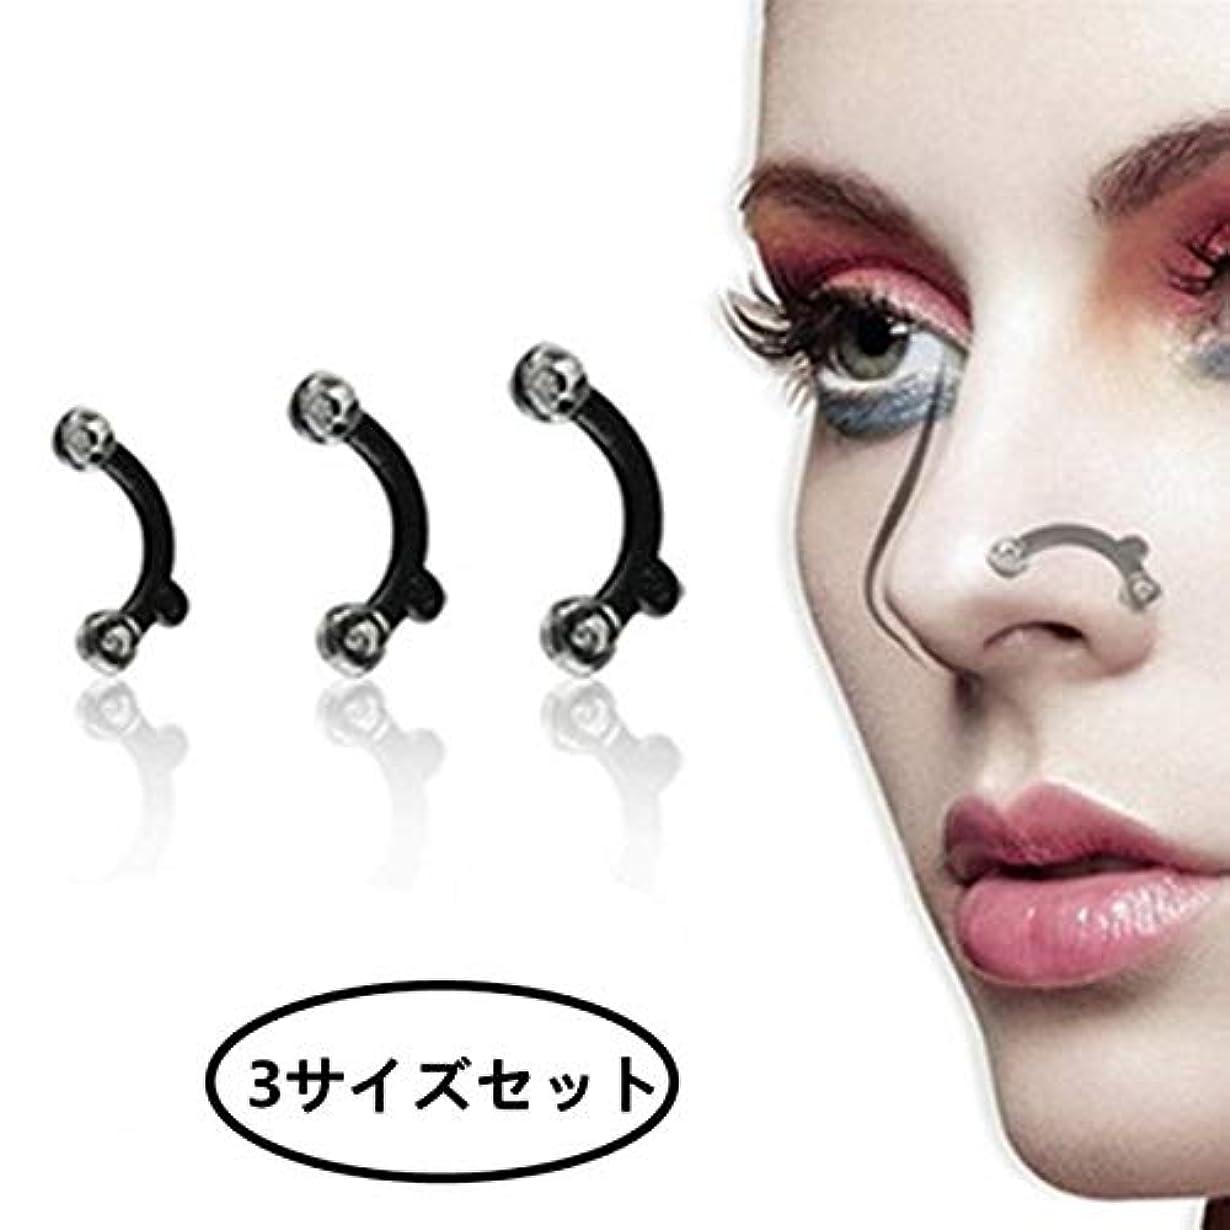 パイプライン歩き回る増幅する鼻プチ 柔軟性高く ビューティー 矯正プチ 整形せ 24.5mm/25.5mm/27mm 全3サイズセット ブラック